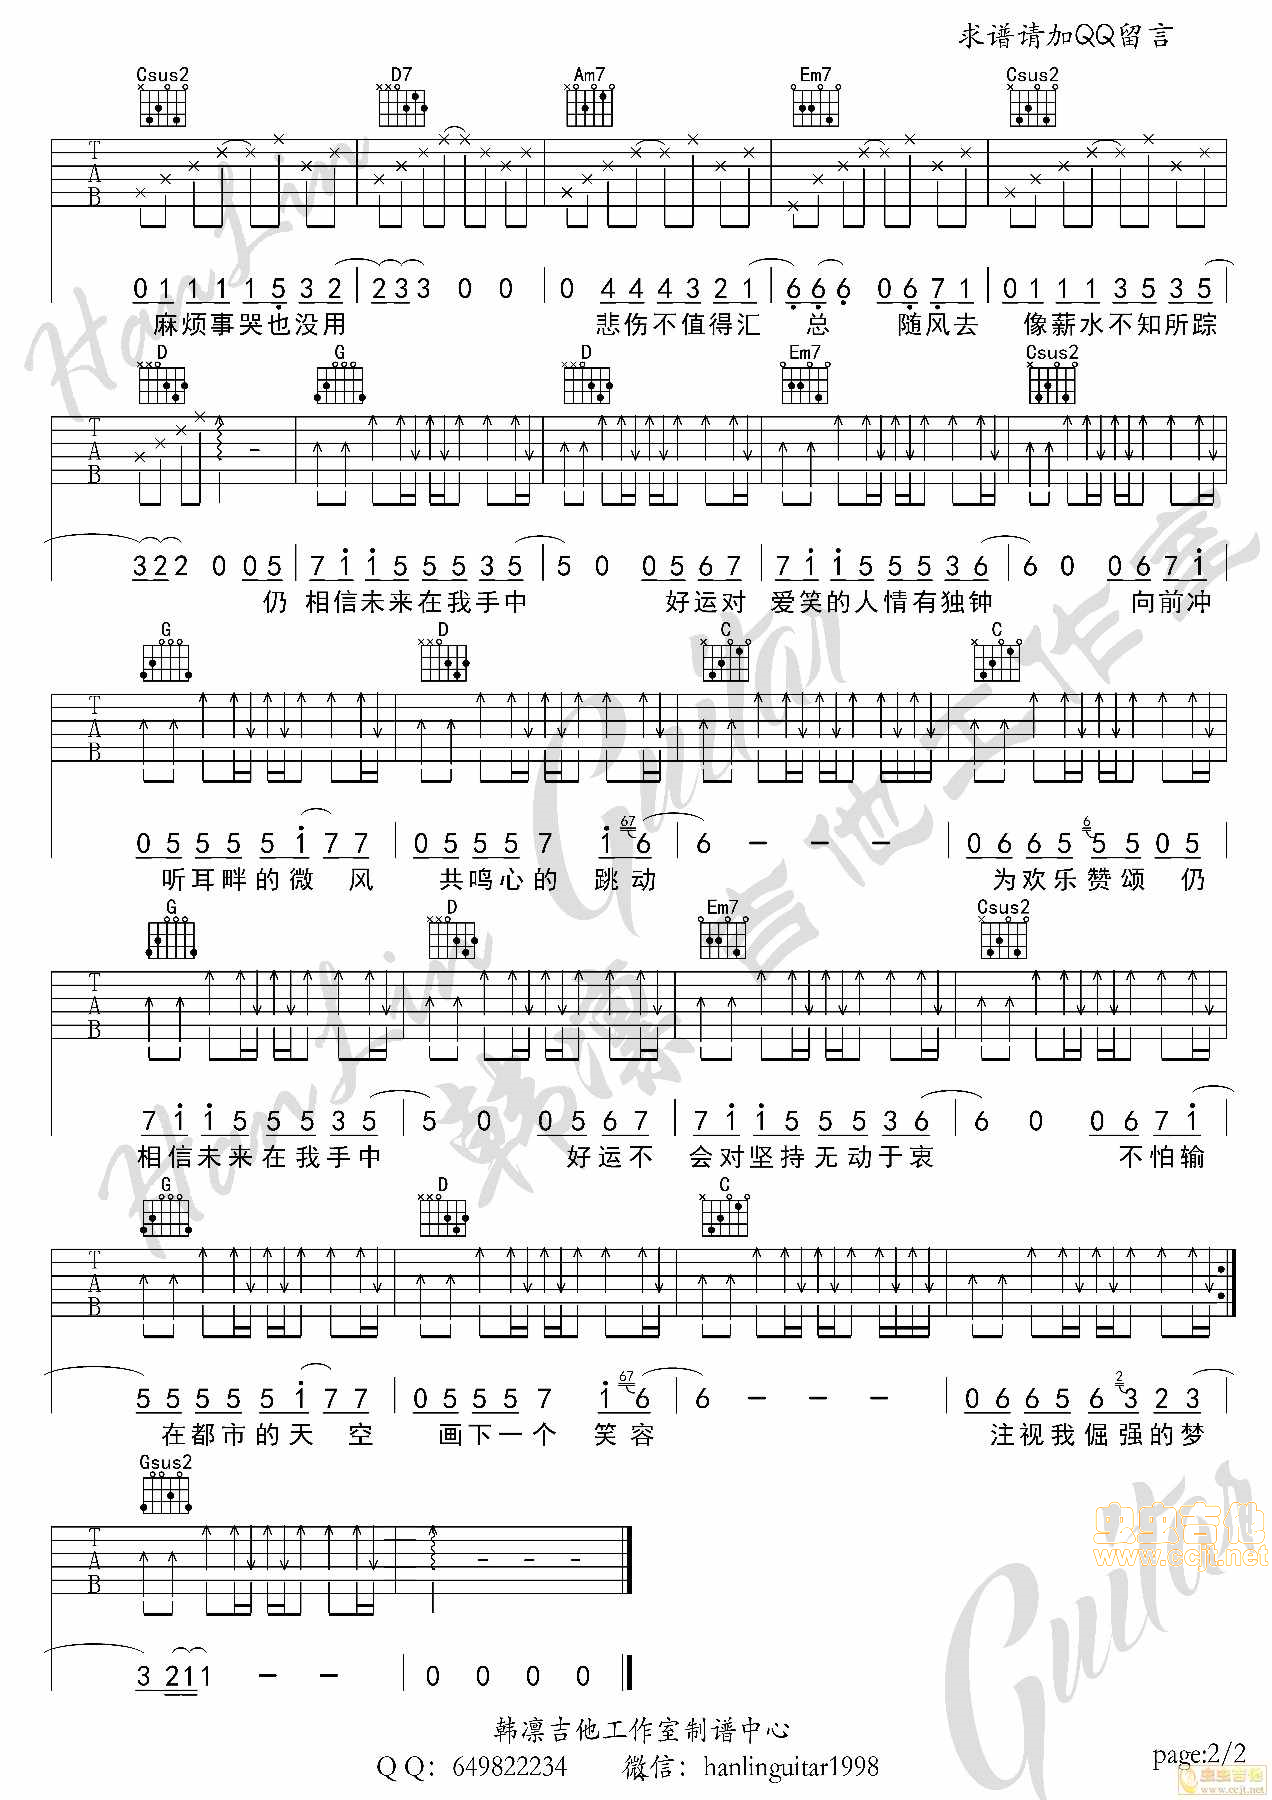 电视剧 欢乐颂 主题曲 张江 韩凛吉他工作室G调六线吉他谱 虫虫吉他谱